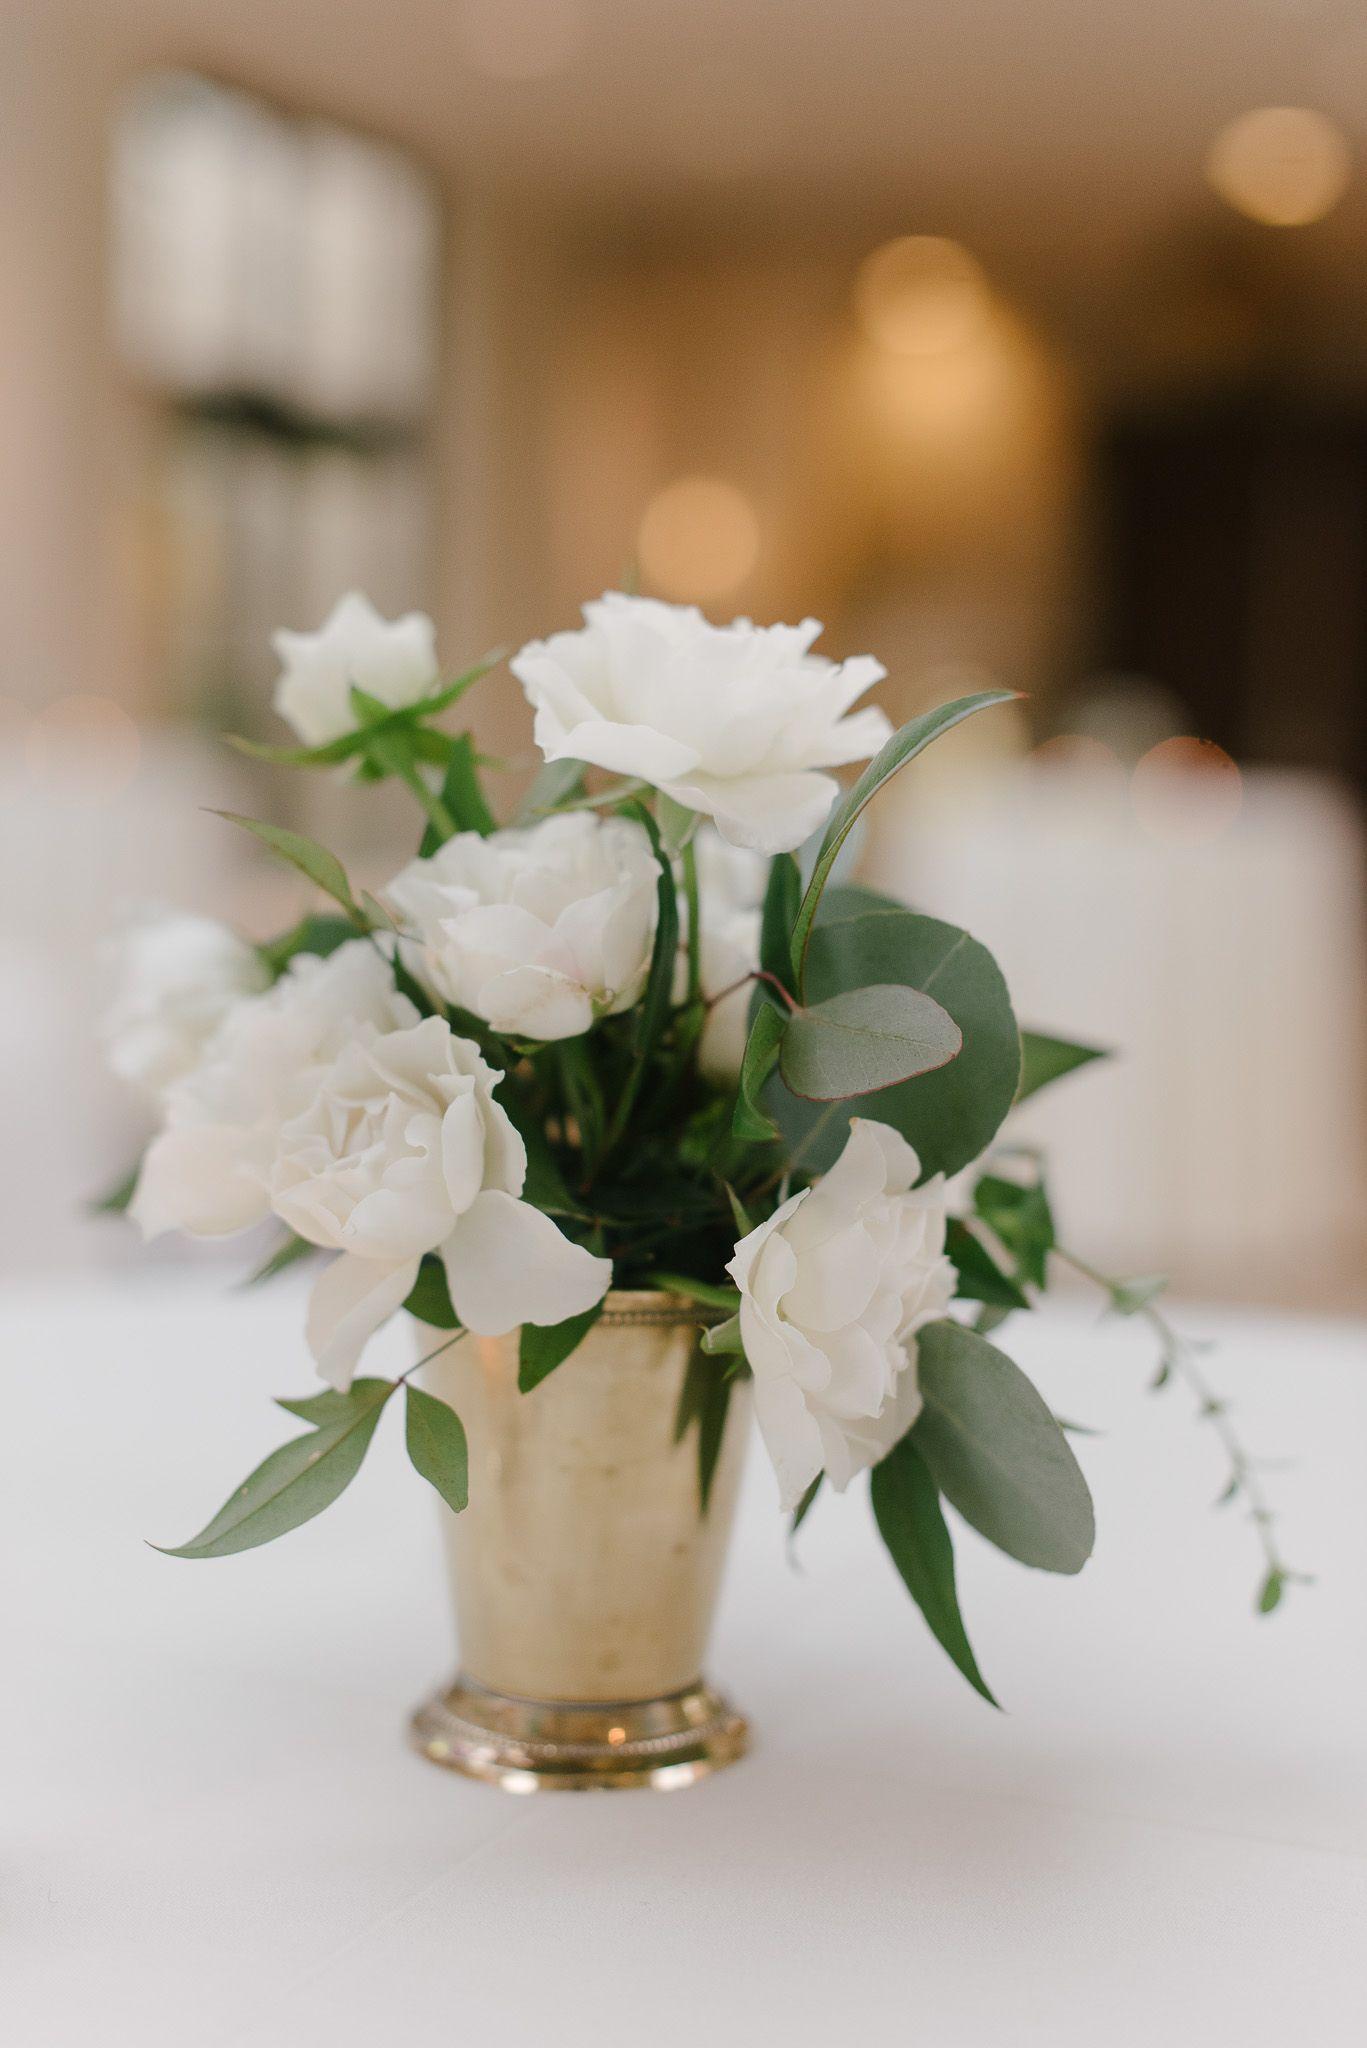 Elegant Cocktail Table Arrangement Of White Spray Roses